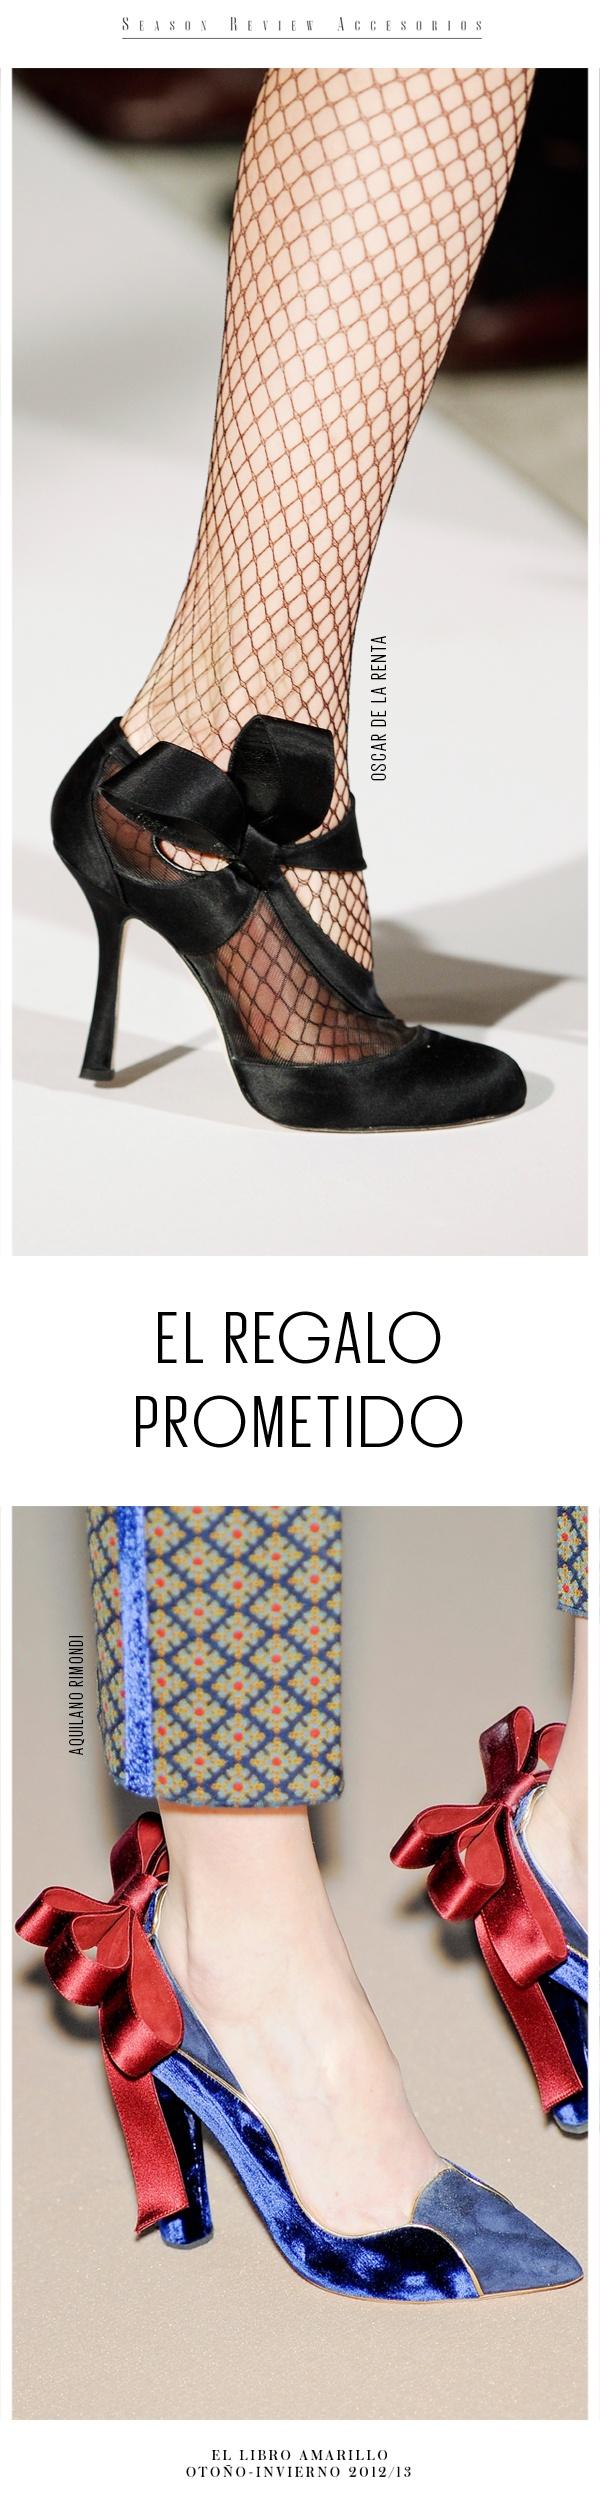 Zapatos - Oscar de la Renta & Aquilano Rimondi - El Palacio de Hierro -El